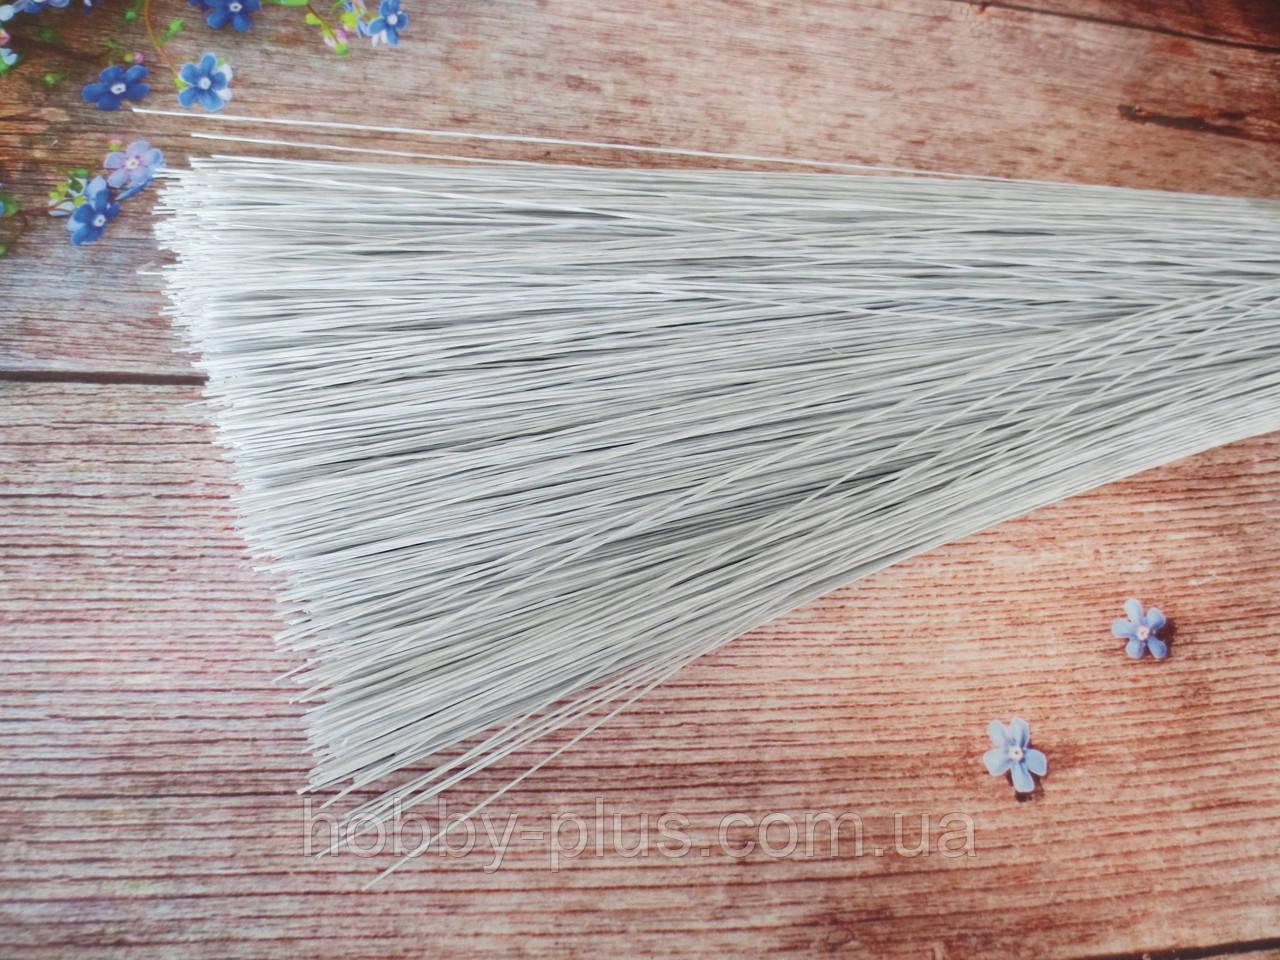 Флористическая проволока 0,4 мм 60 см 50 шт/уп